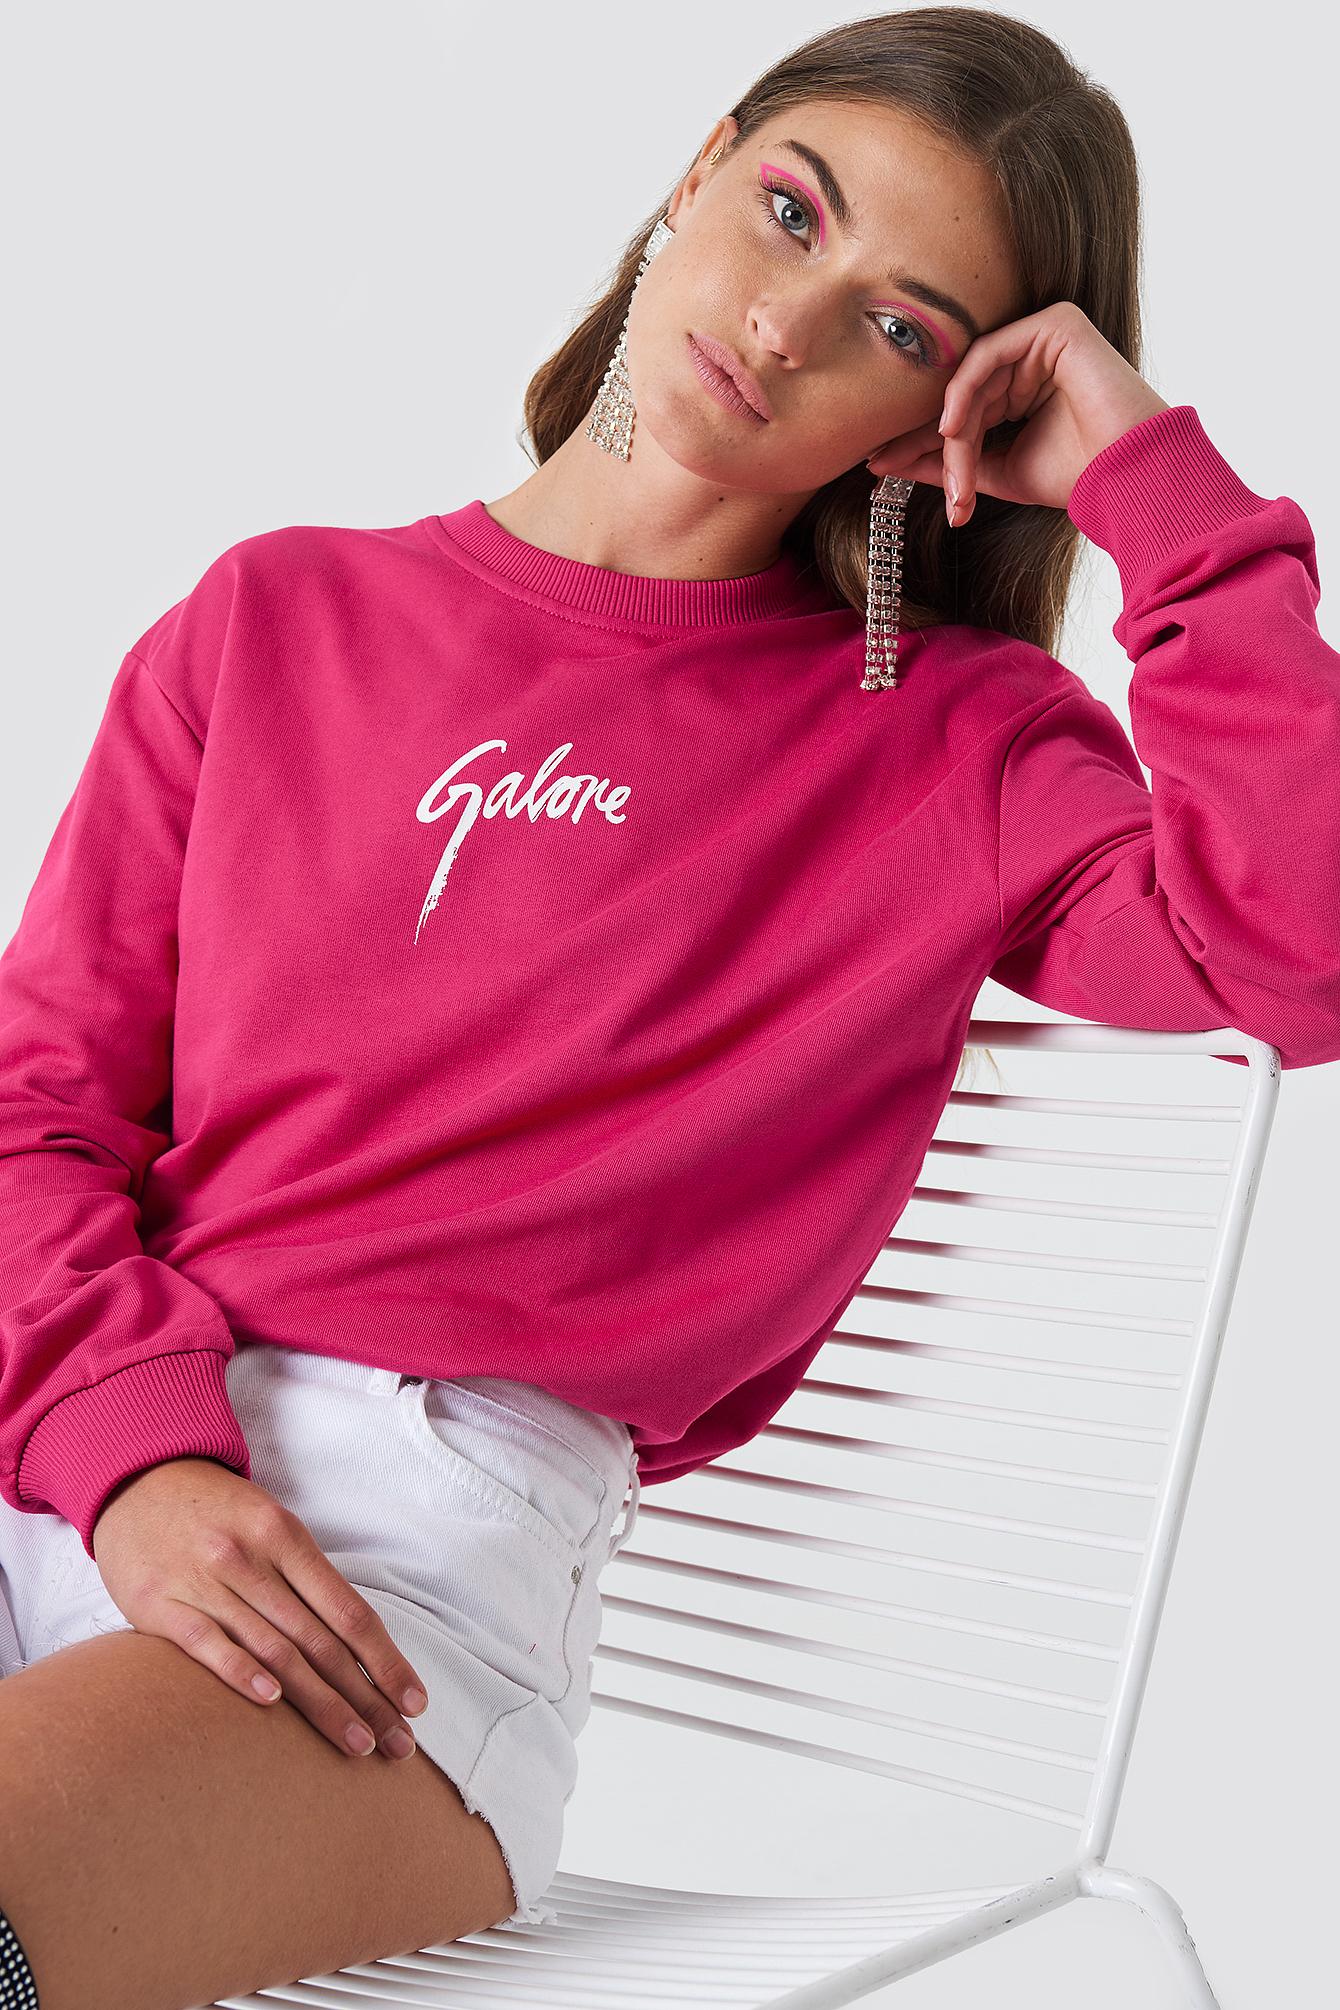 GALORE X NA-KD Galore Sweatshirt - Pink